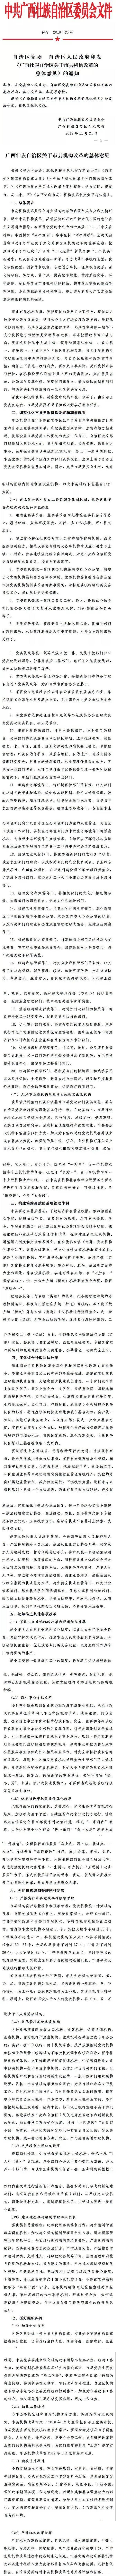 桂发〔2018〕25号《广西壮族自治区关于市县机构改革的总体意见》(全文)